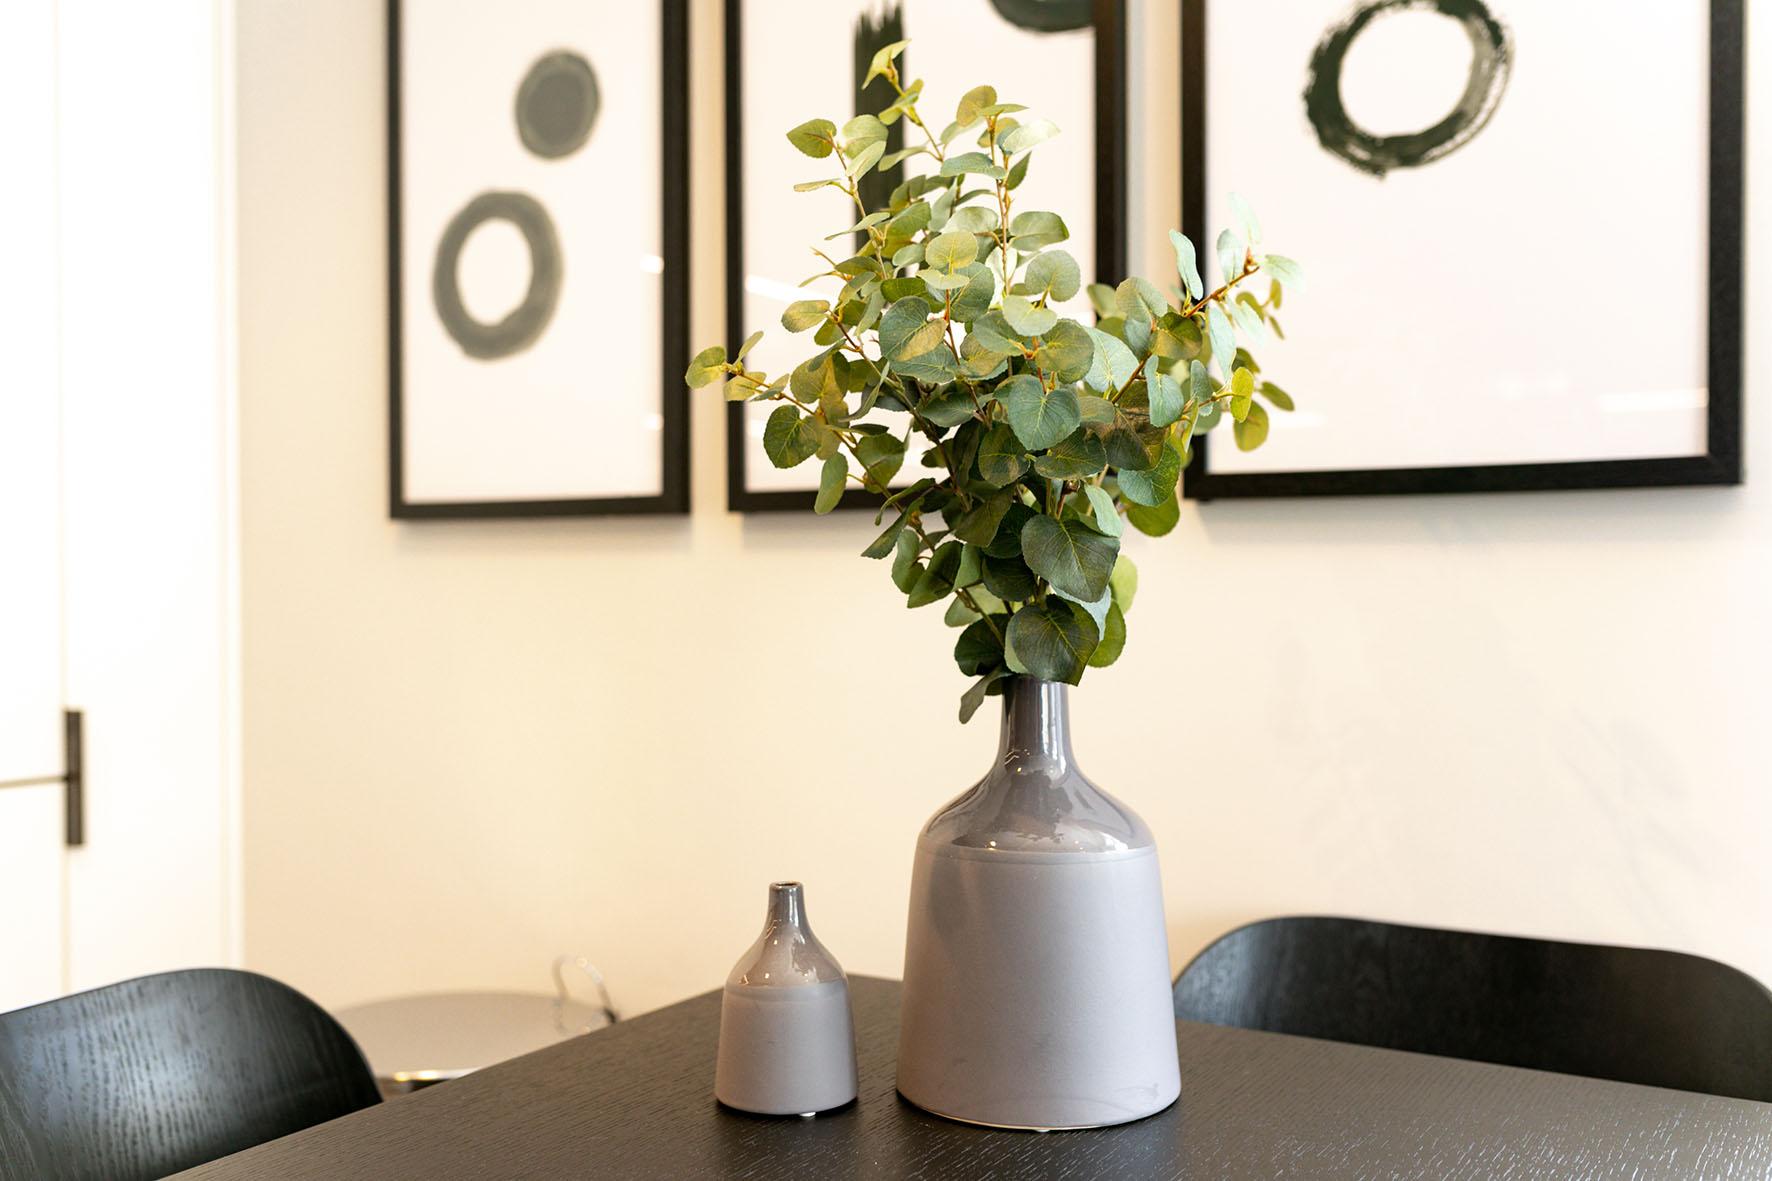 Lovelydays luxury service apartment rental - London - Soho - Oxford Street IV - Lovelysuite - 2 bedrooms - 2 bathrooms - Design - 24e30a19e4c7 - Lovelydays